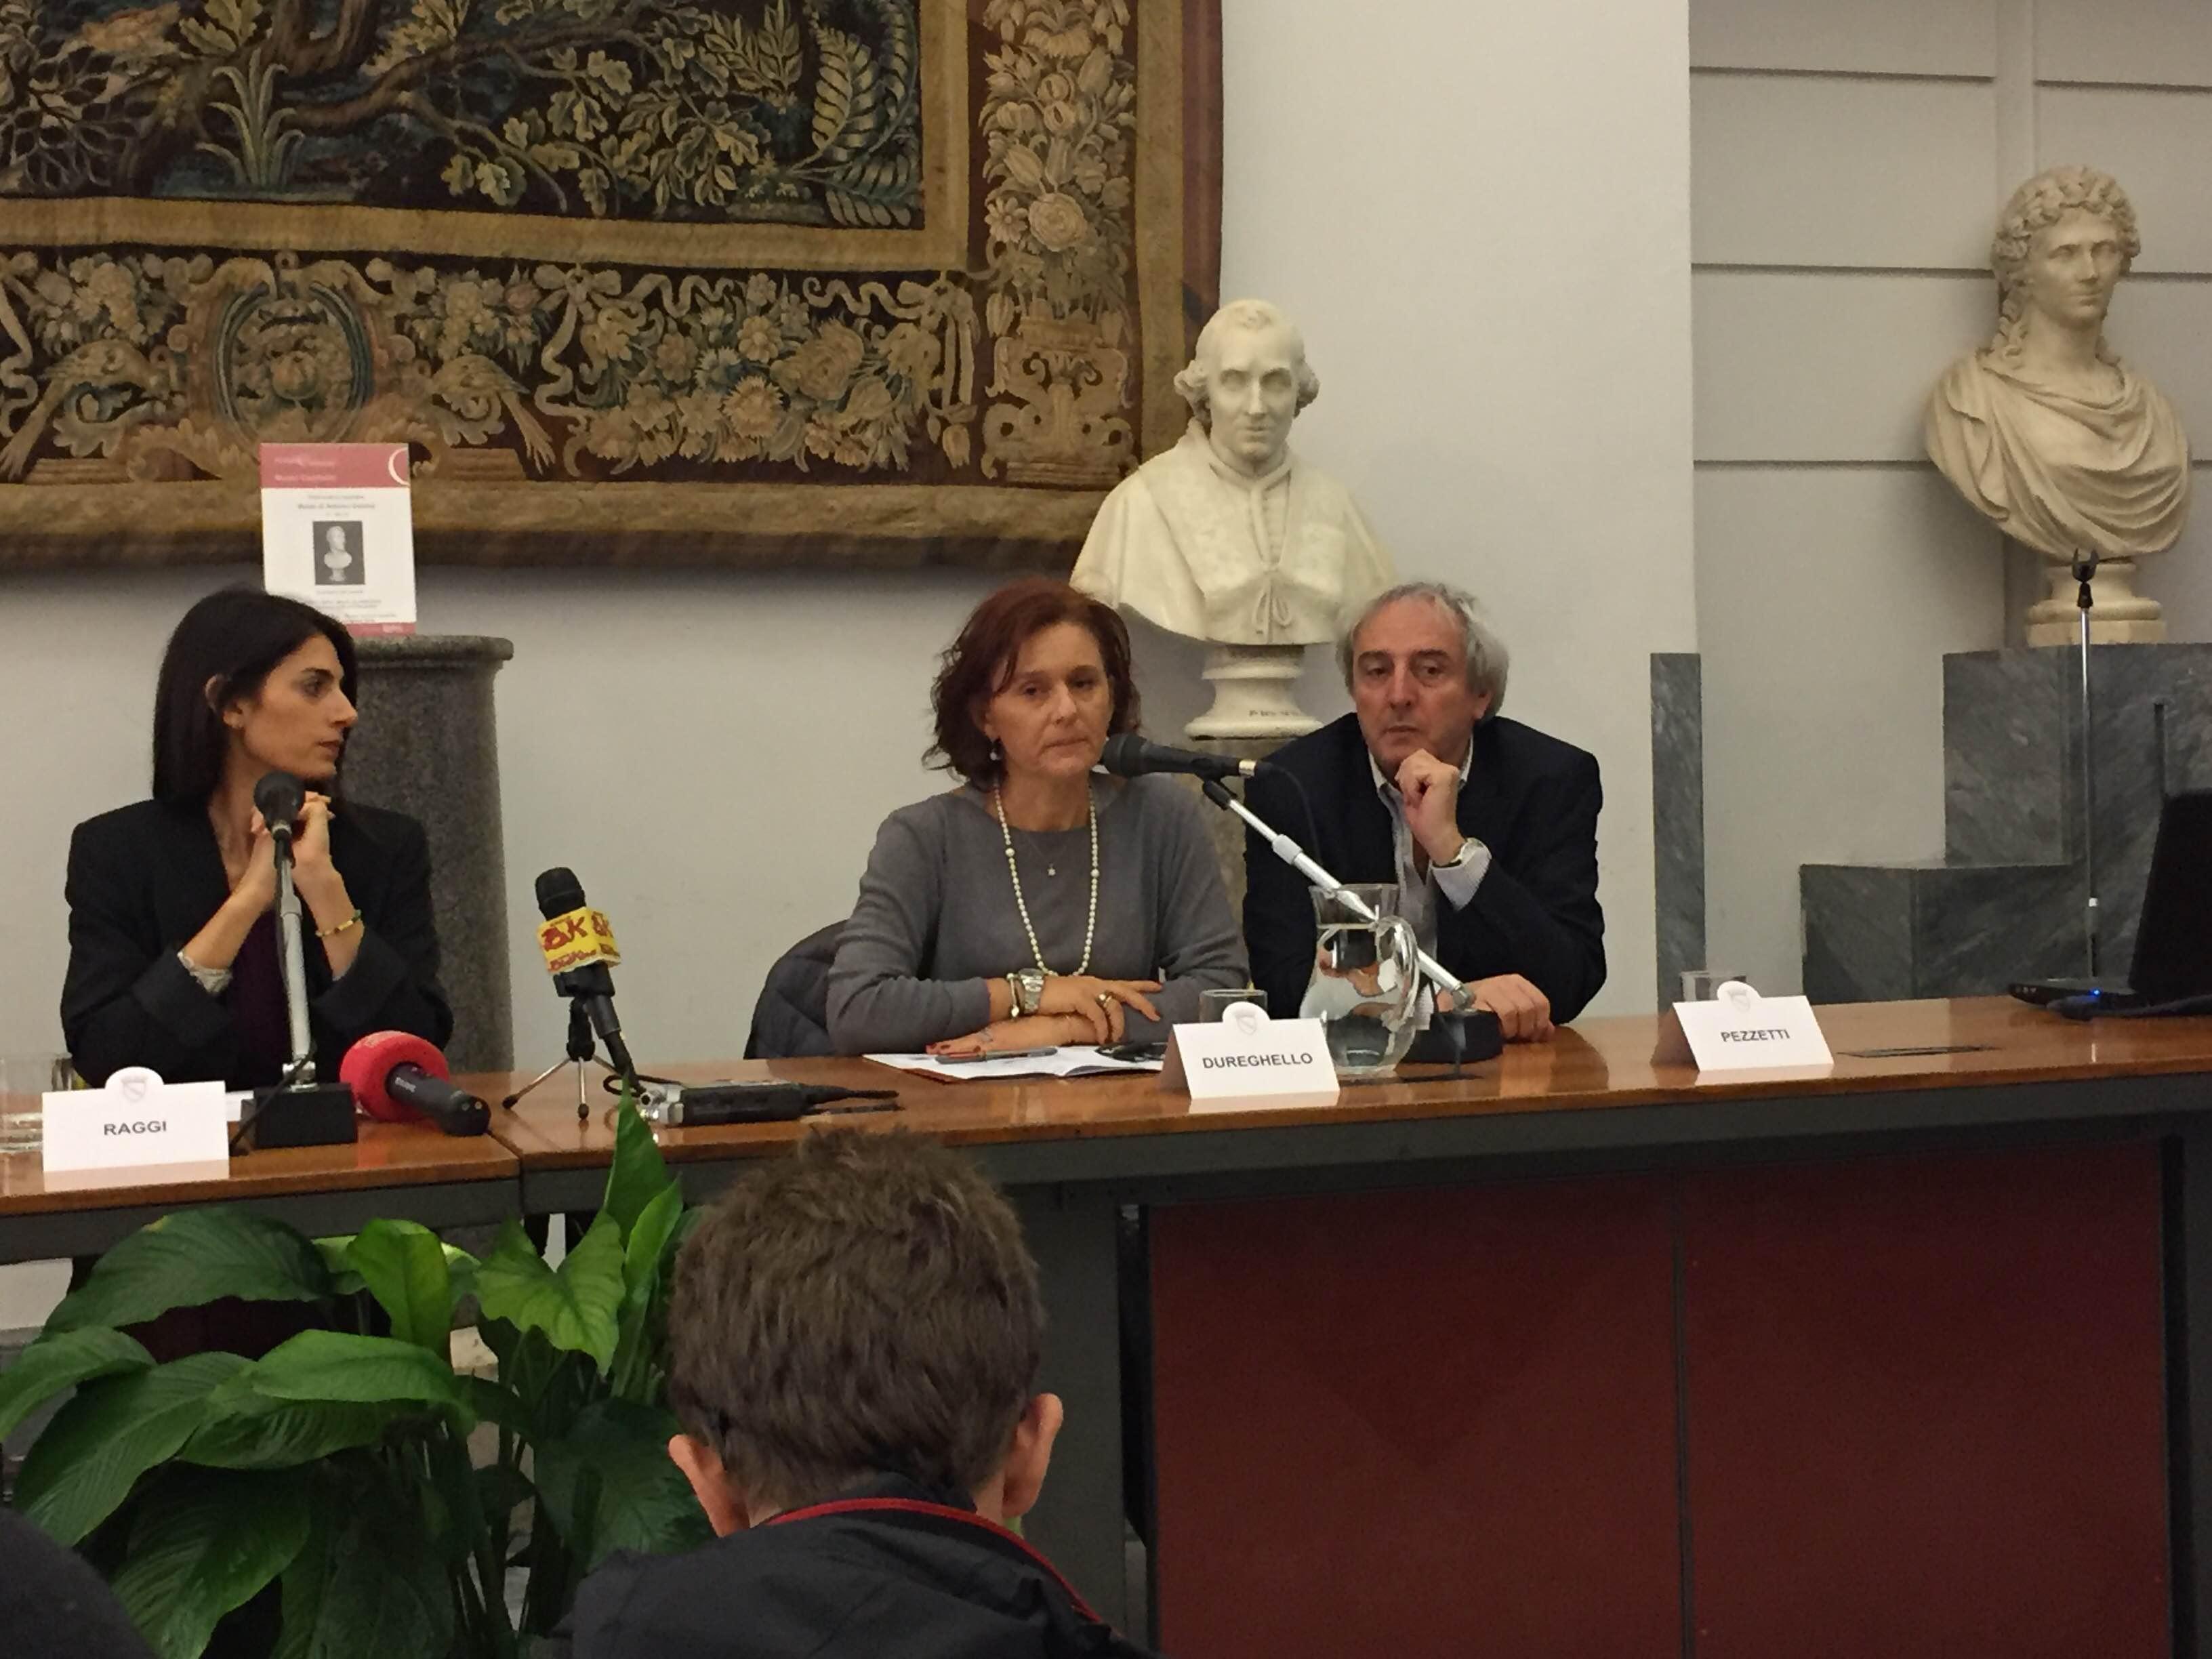 Sala Piccola Protomoteca : Conferenza stampa viaggio della memoria 2016 lunedì 31 ottobre ore